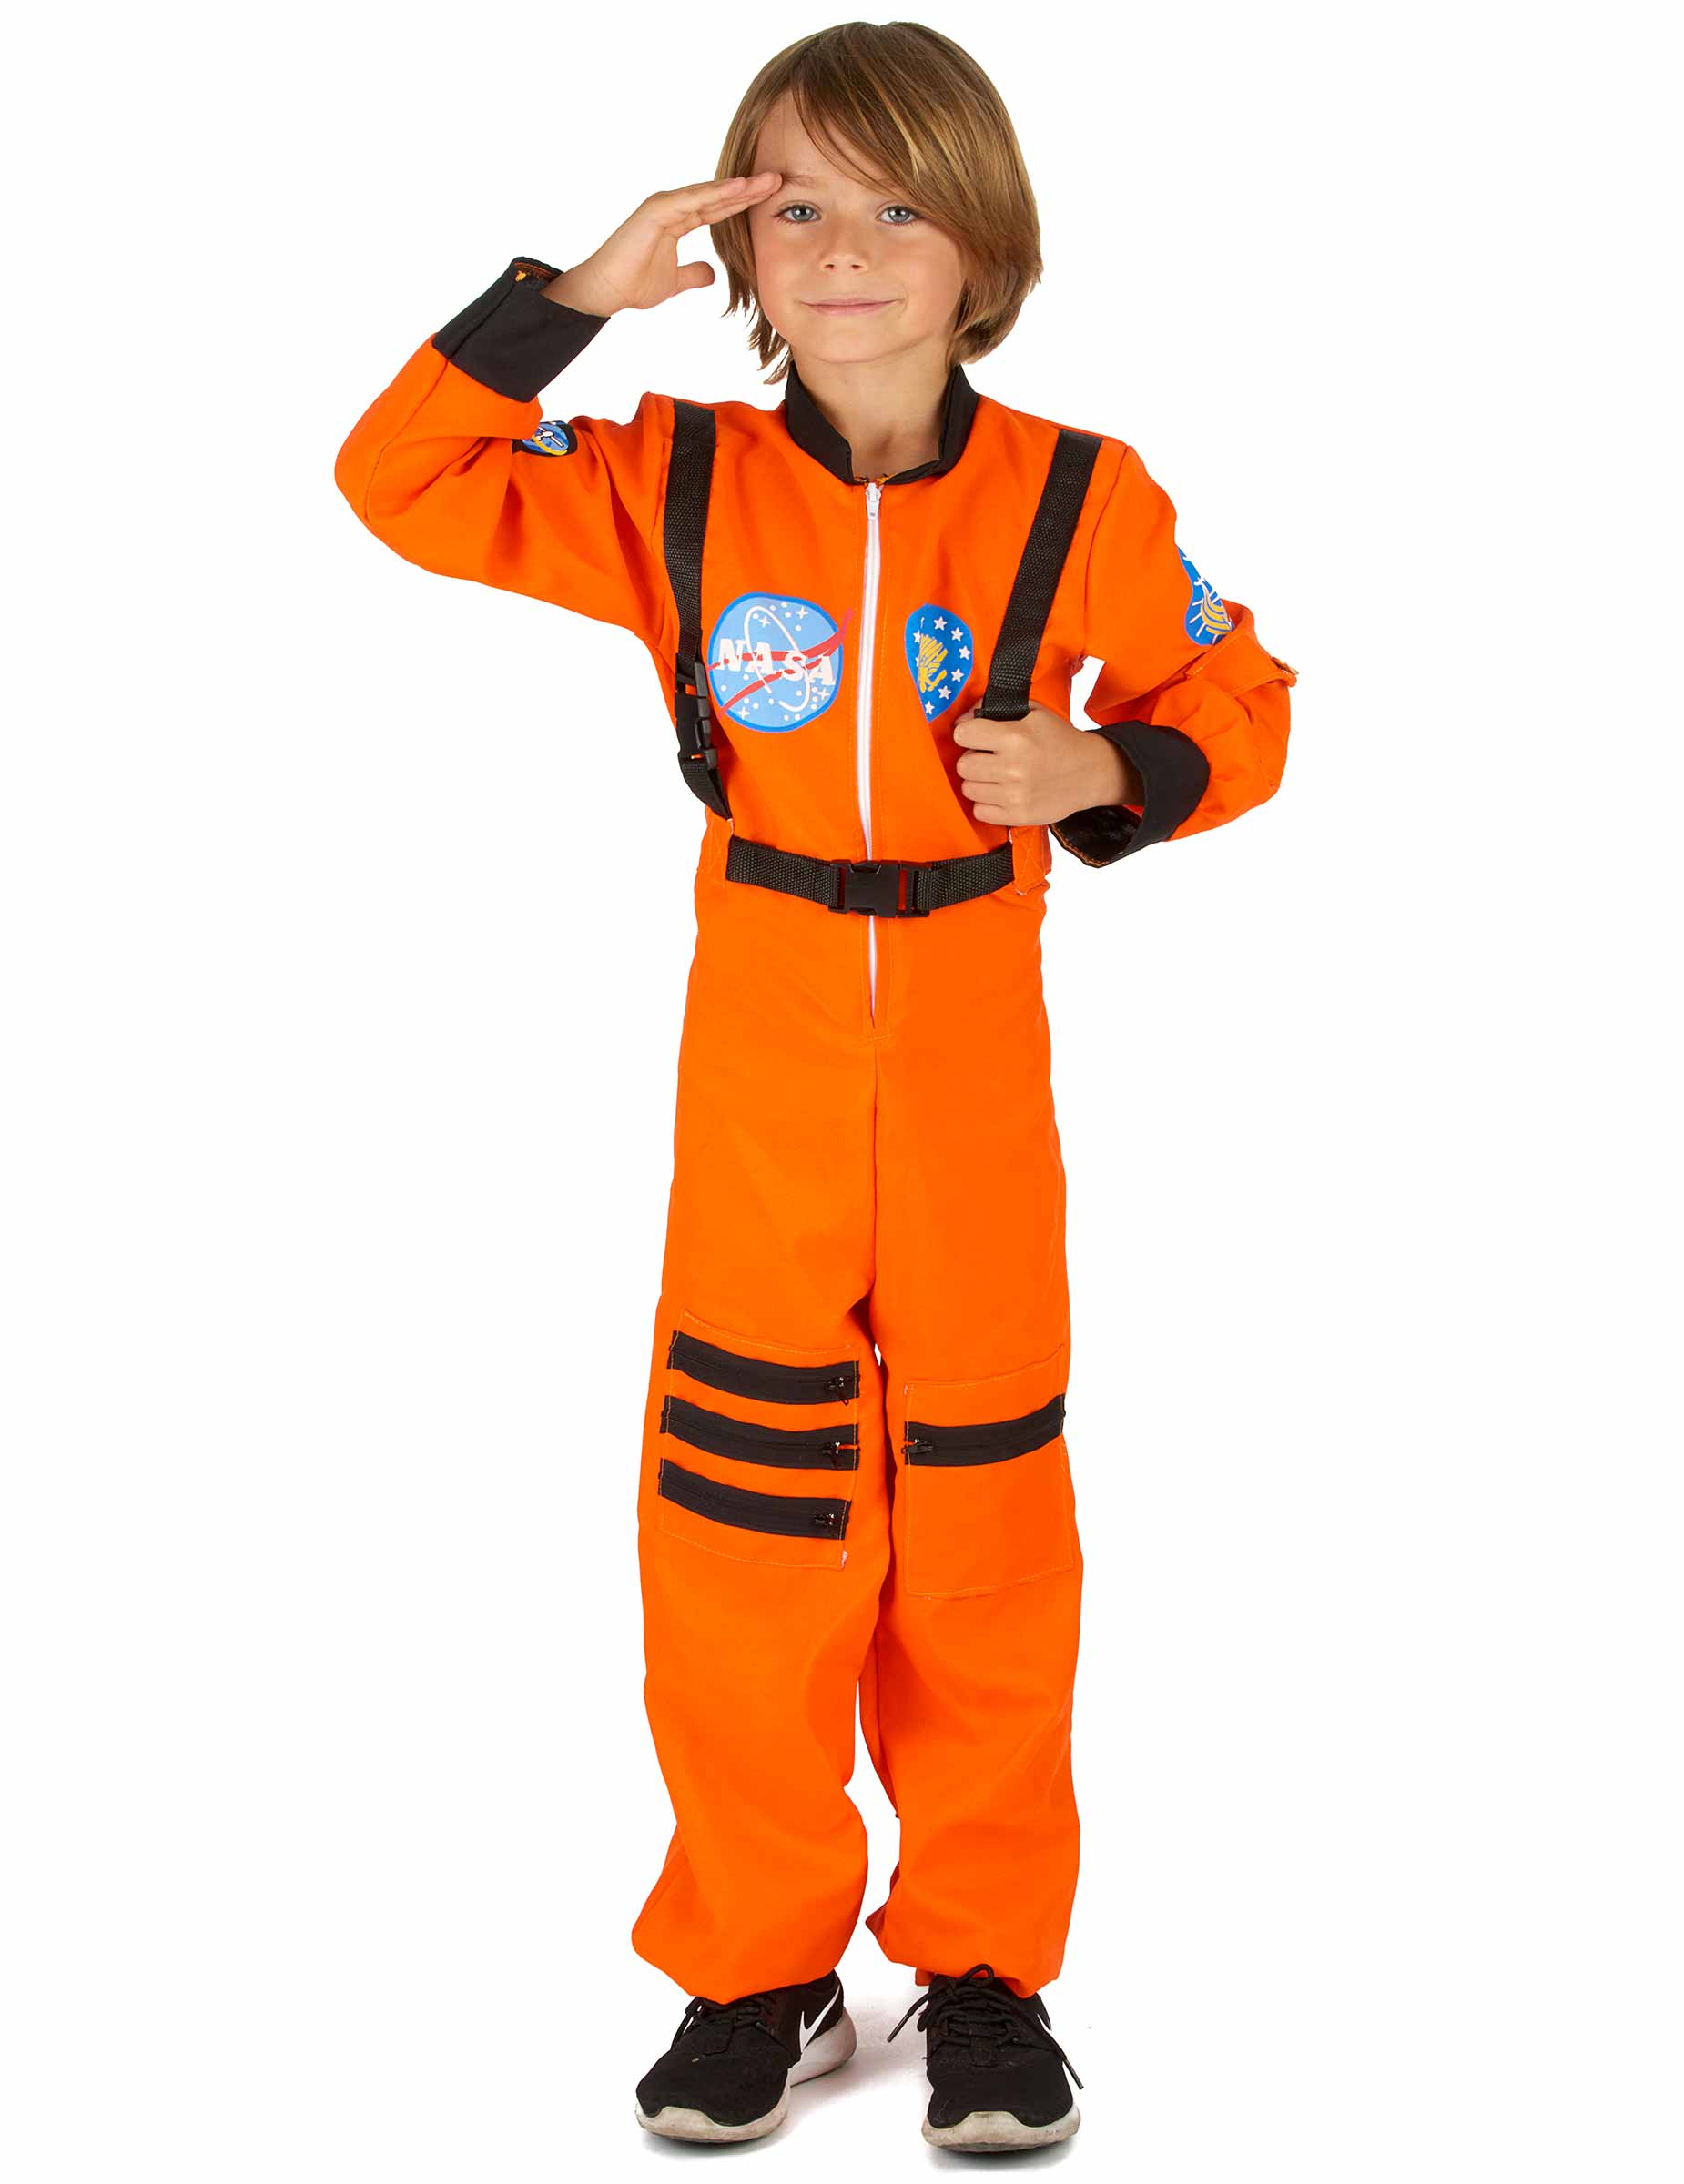 Disfraz de astronauta: Disfraz de astronauta con casco blando a juego. Disfraz con aplicaciones bordadas, bolsillos decorativos, hebillas de plástico, cuello ligeramente acolchado y cremallera delante.